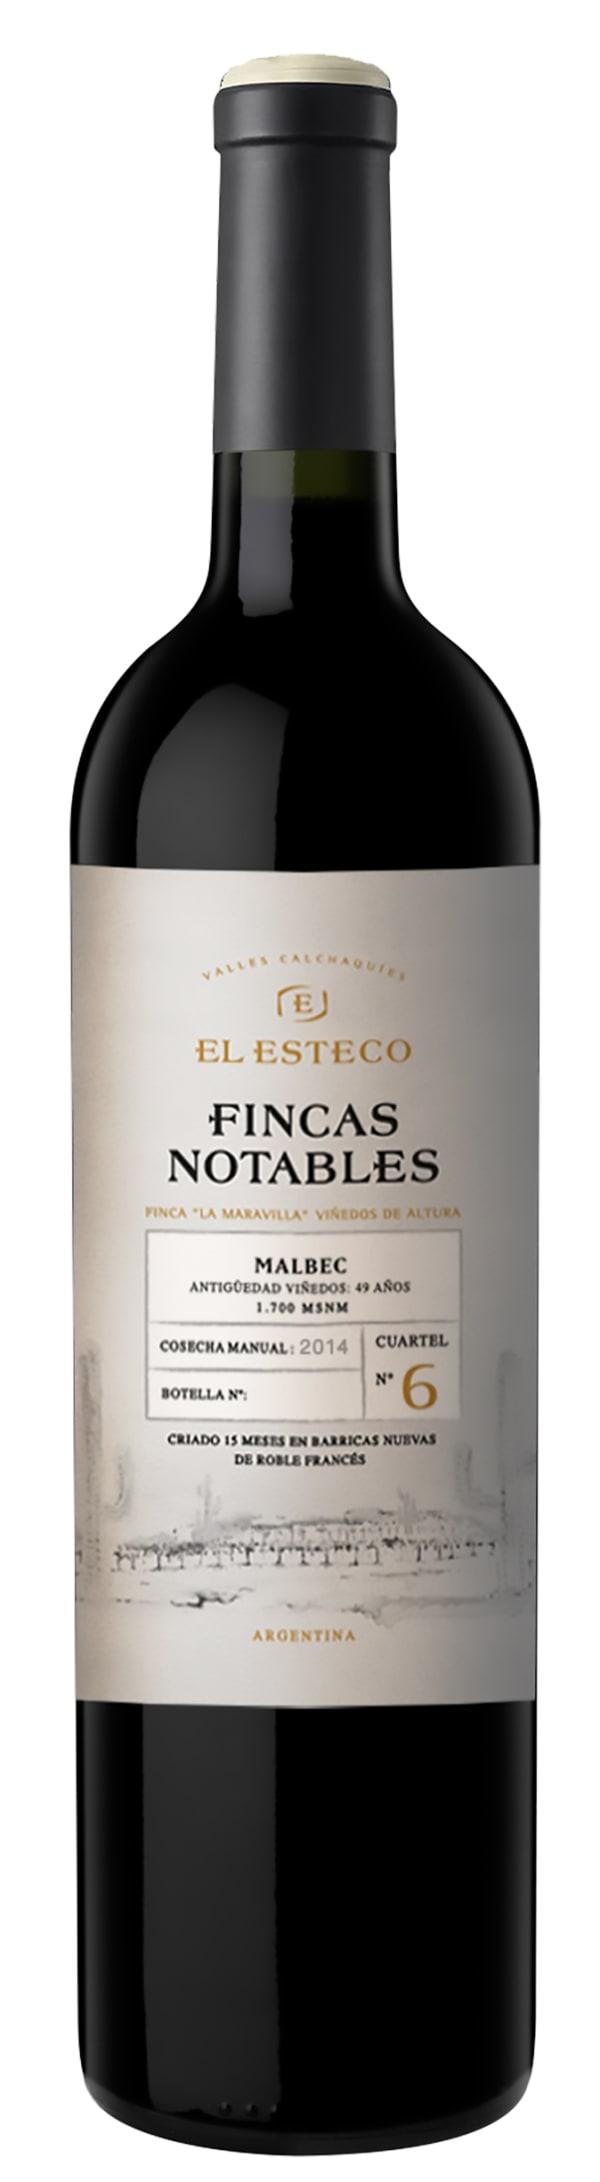 El Esteco Fincas Notables Malbec 2014